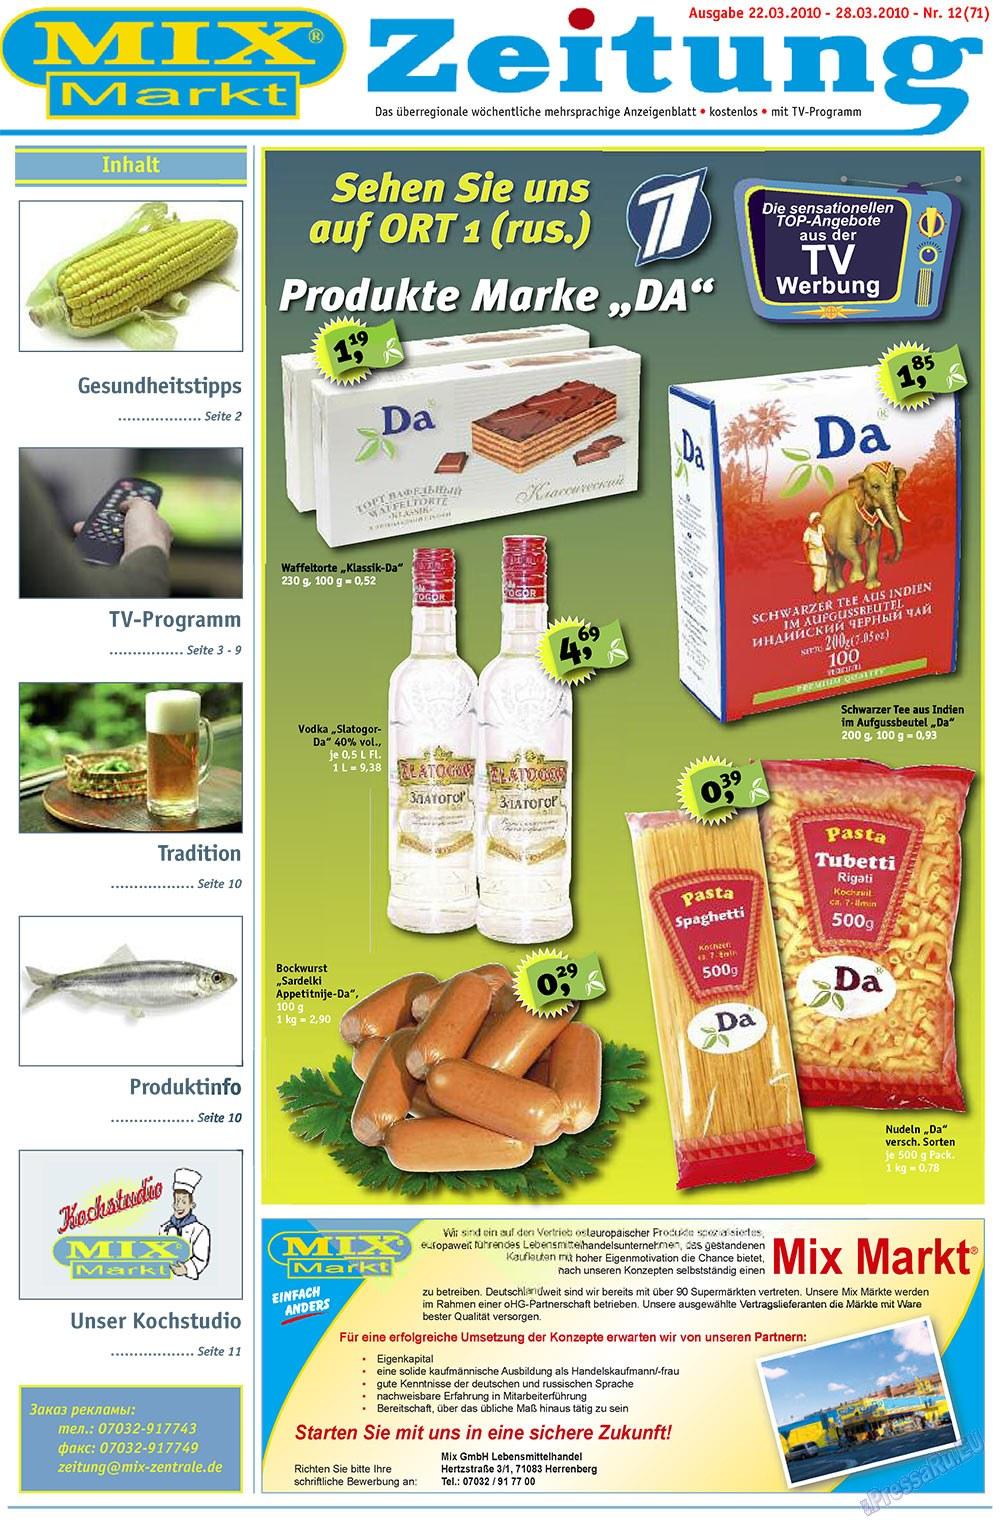 MIX-Markt Zeitung (газета). 2010 год, номер 12, стр. 1